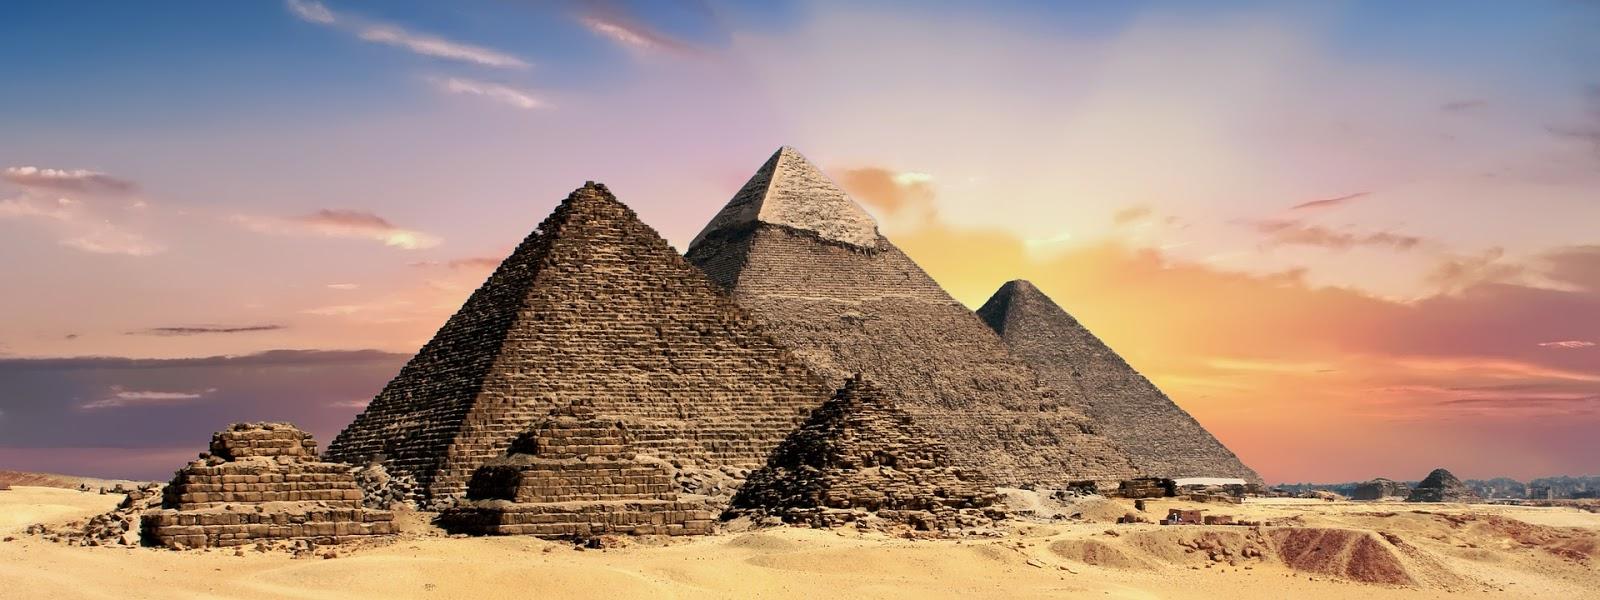 ägypten banner kopfzeile